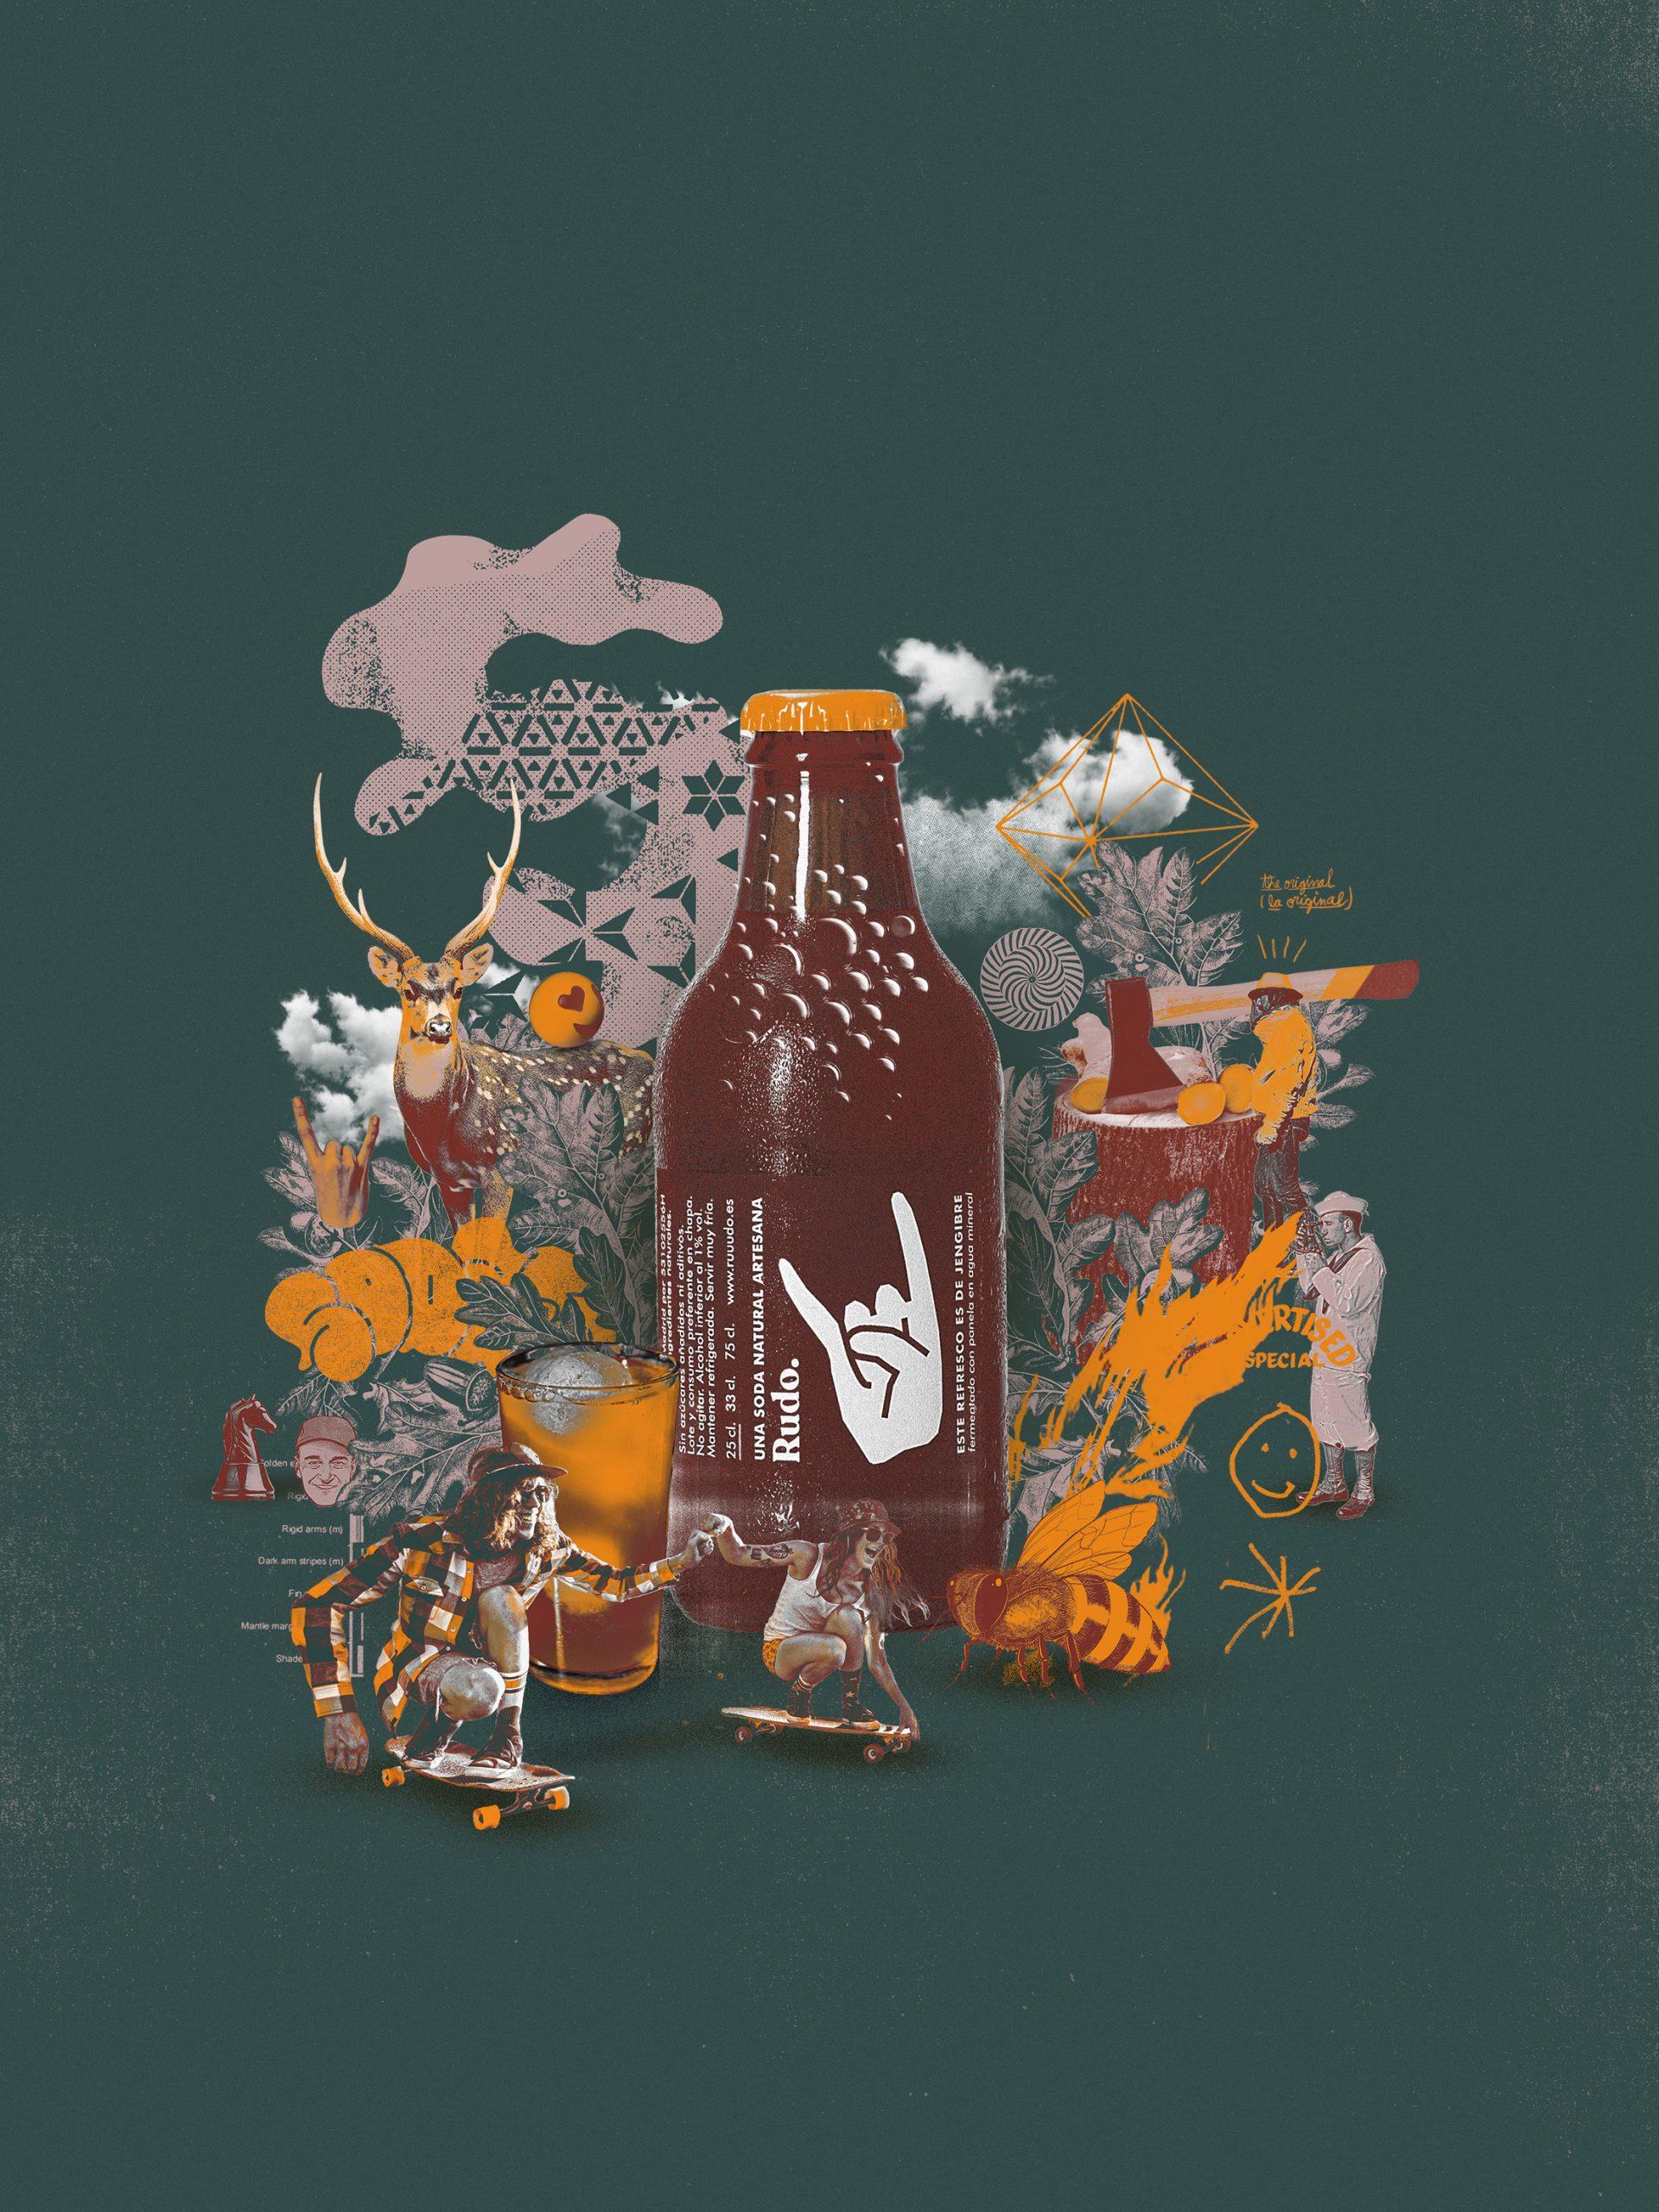 Ilustración de una botella de Rudo hecha por Max-o-matic